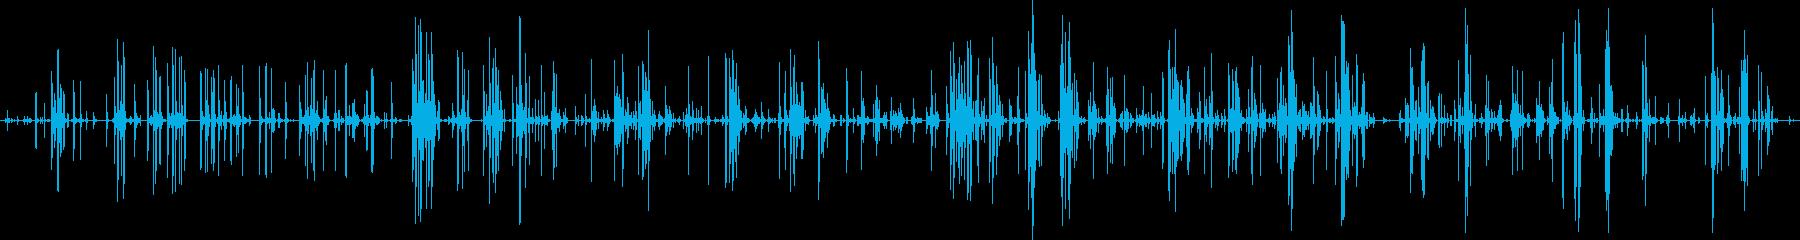 家庭 カップガラガラミディアム01の再生済みの波形